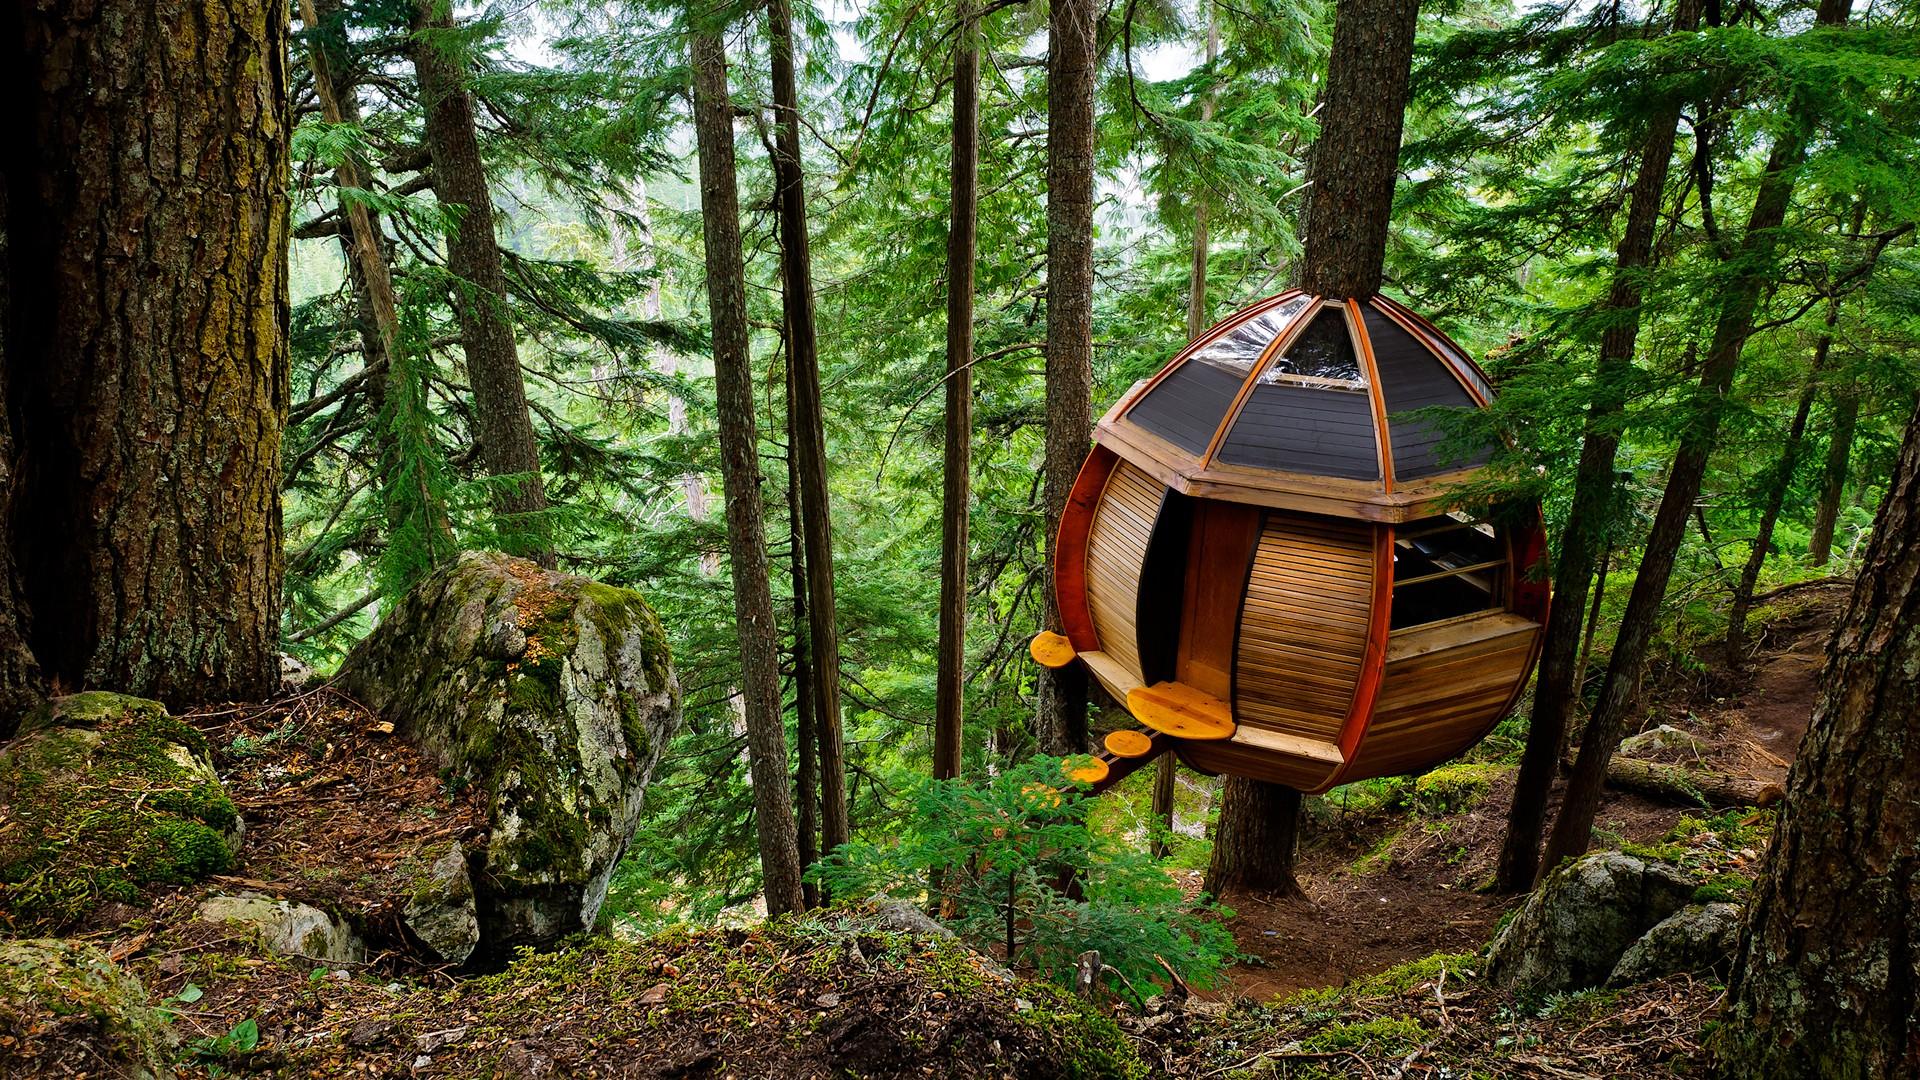 fond d 39 cran des arbres architecture roche la nature des pierres sph re branche mousse. Black Bedroom Furniture Sets. Home Design Ideas